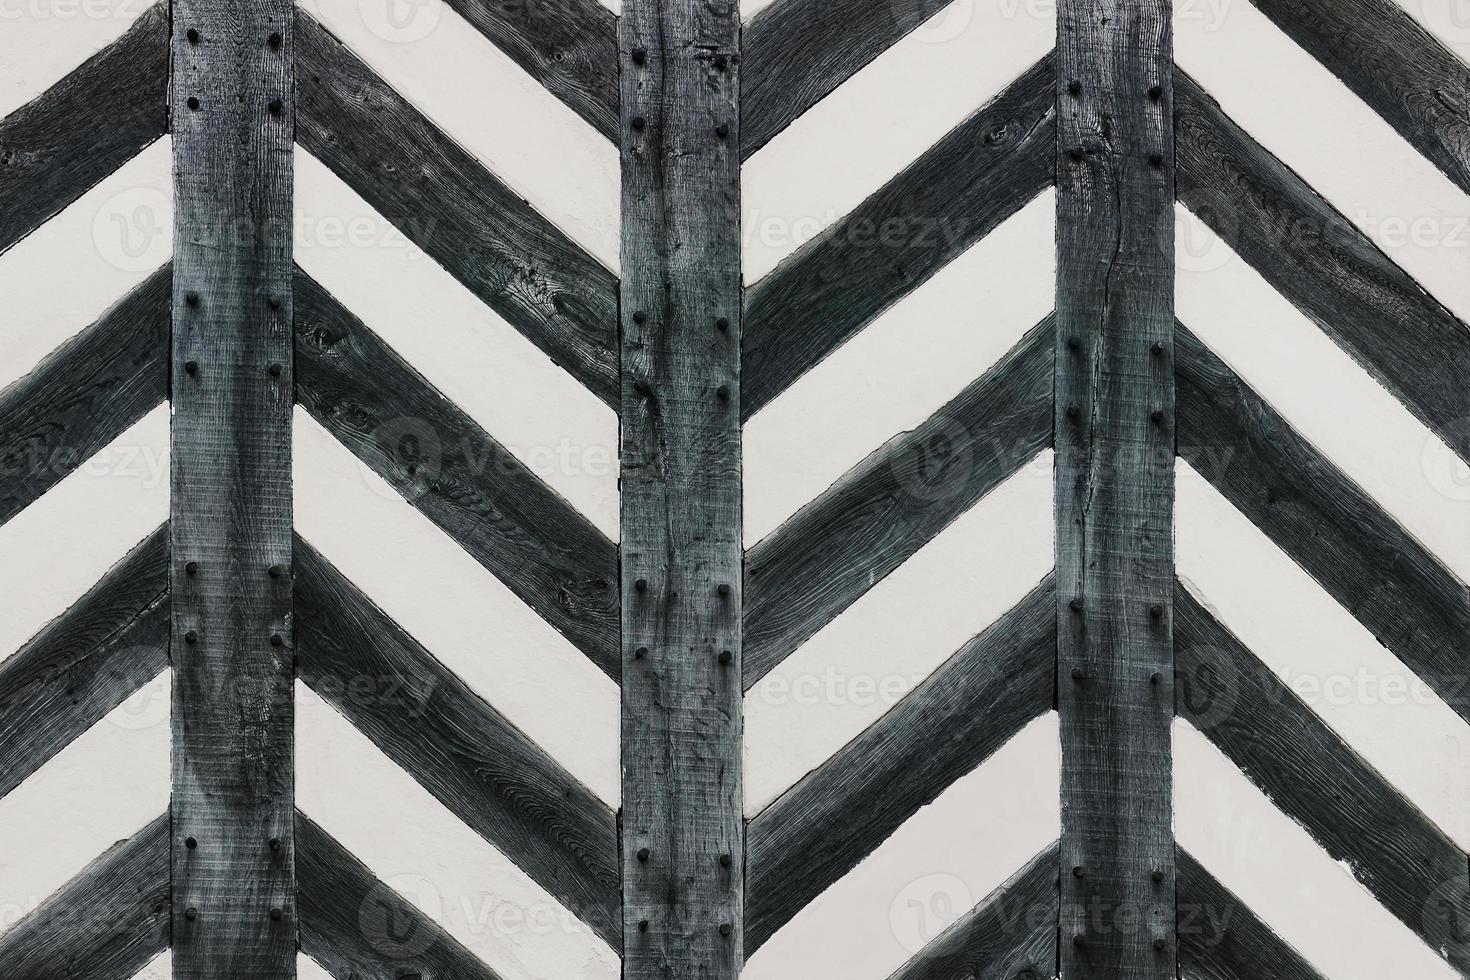 tudor house parete in legno massiccio a forma di zig zag in legno massiccio foto